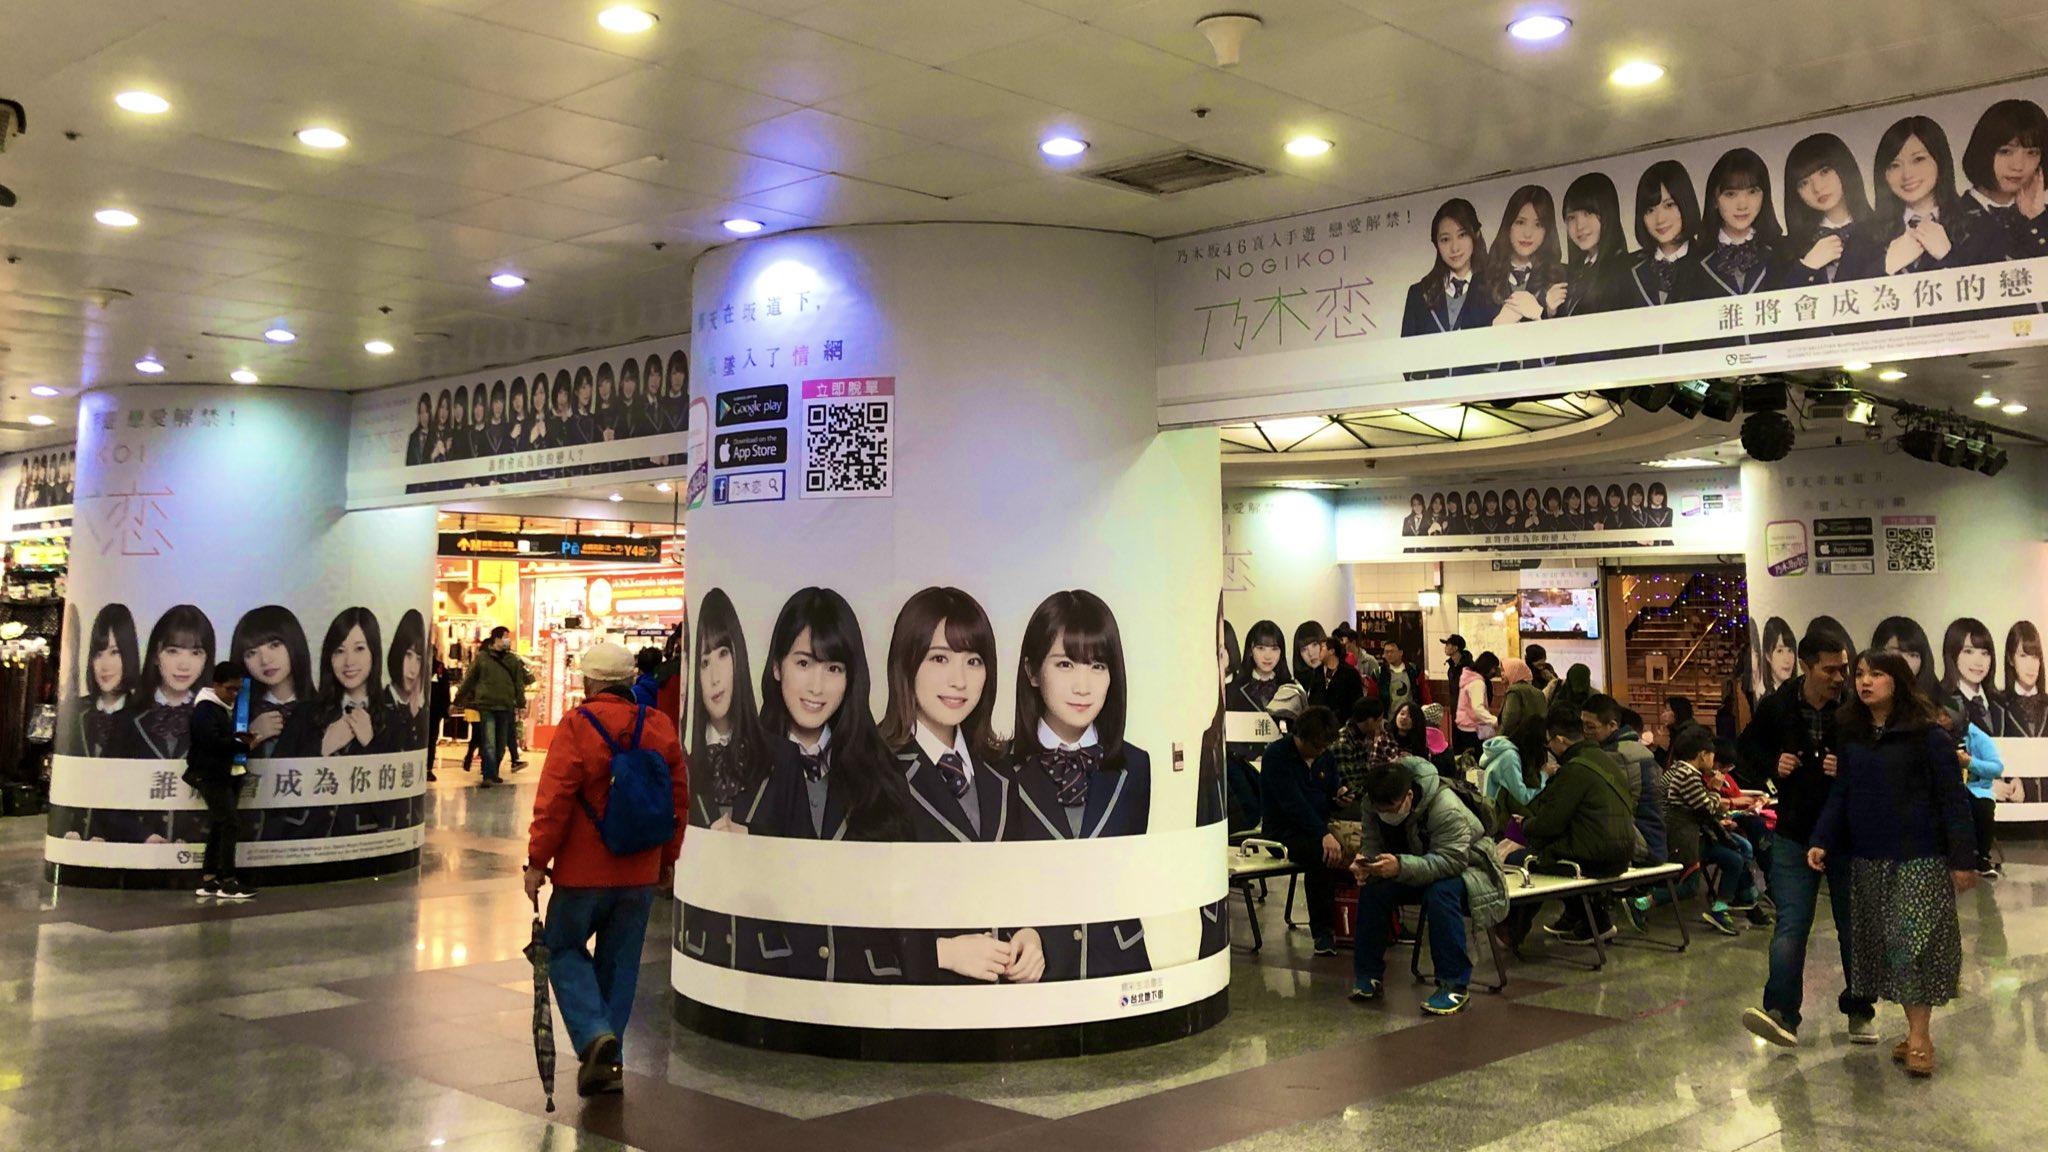 台北地下街「乃木恋」広告